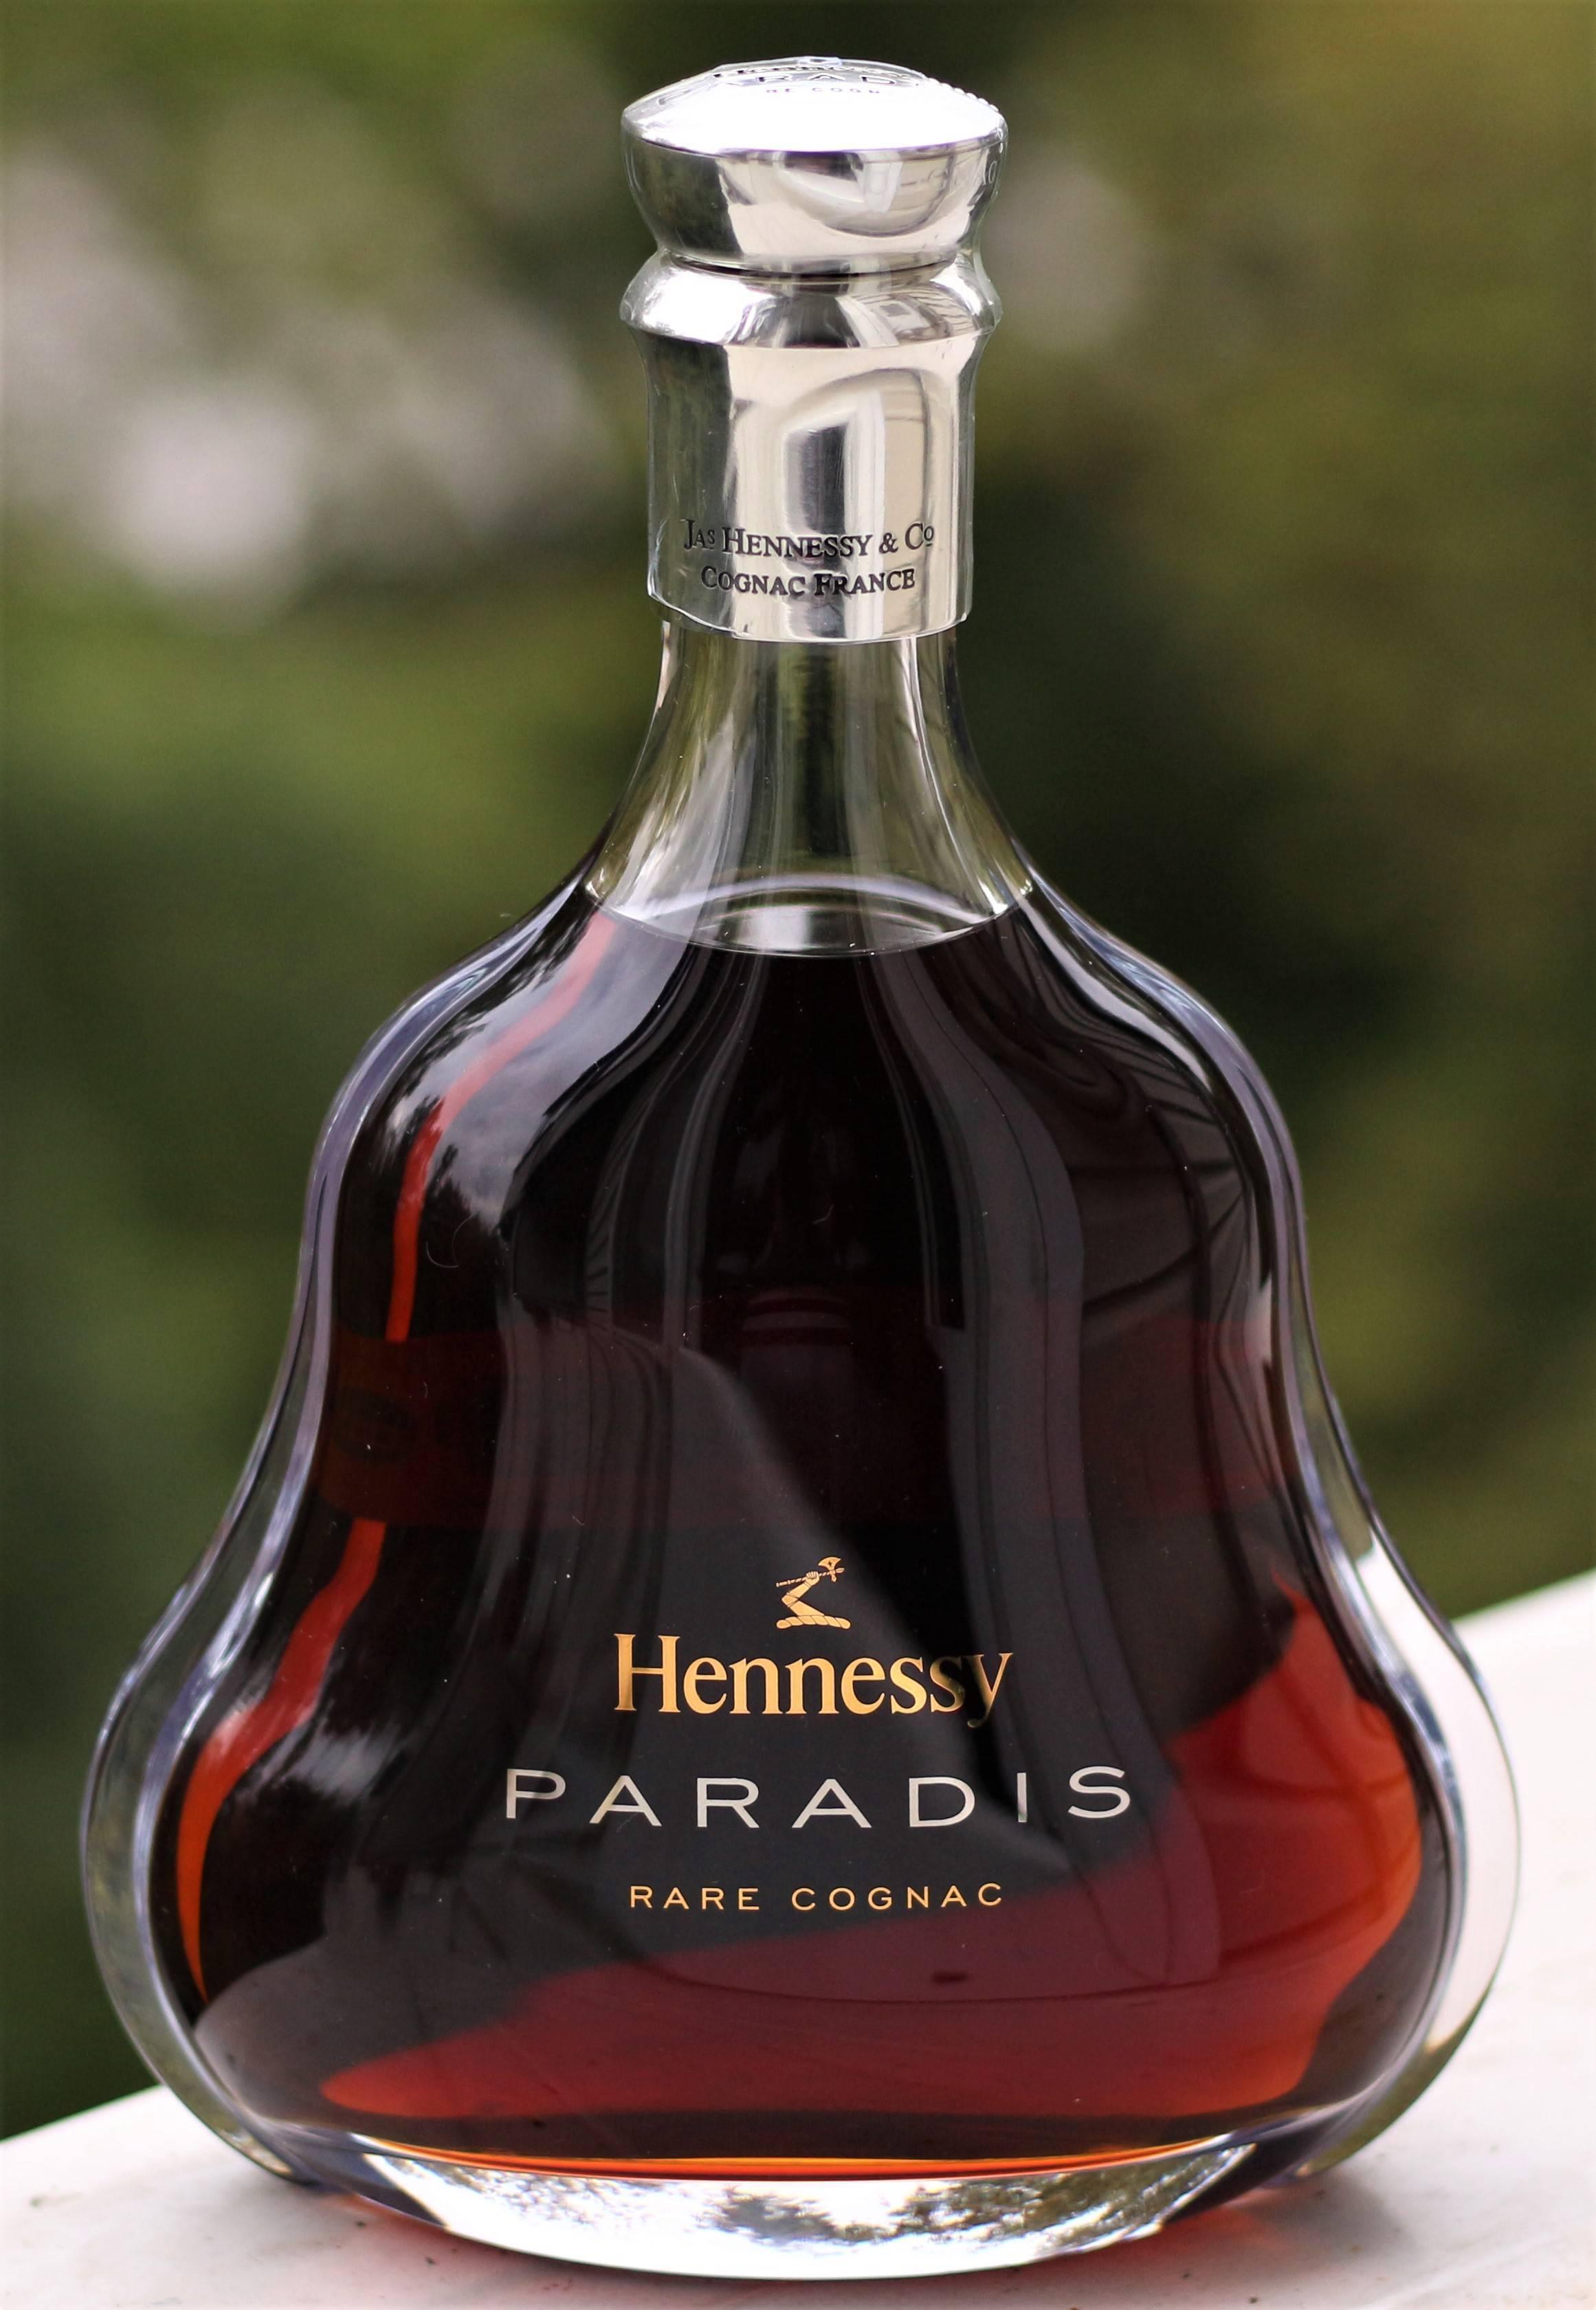 Хеннесси (hennessy): особенности и виды легендарного французского коньяка